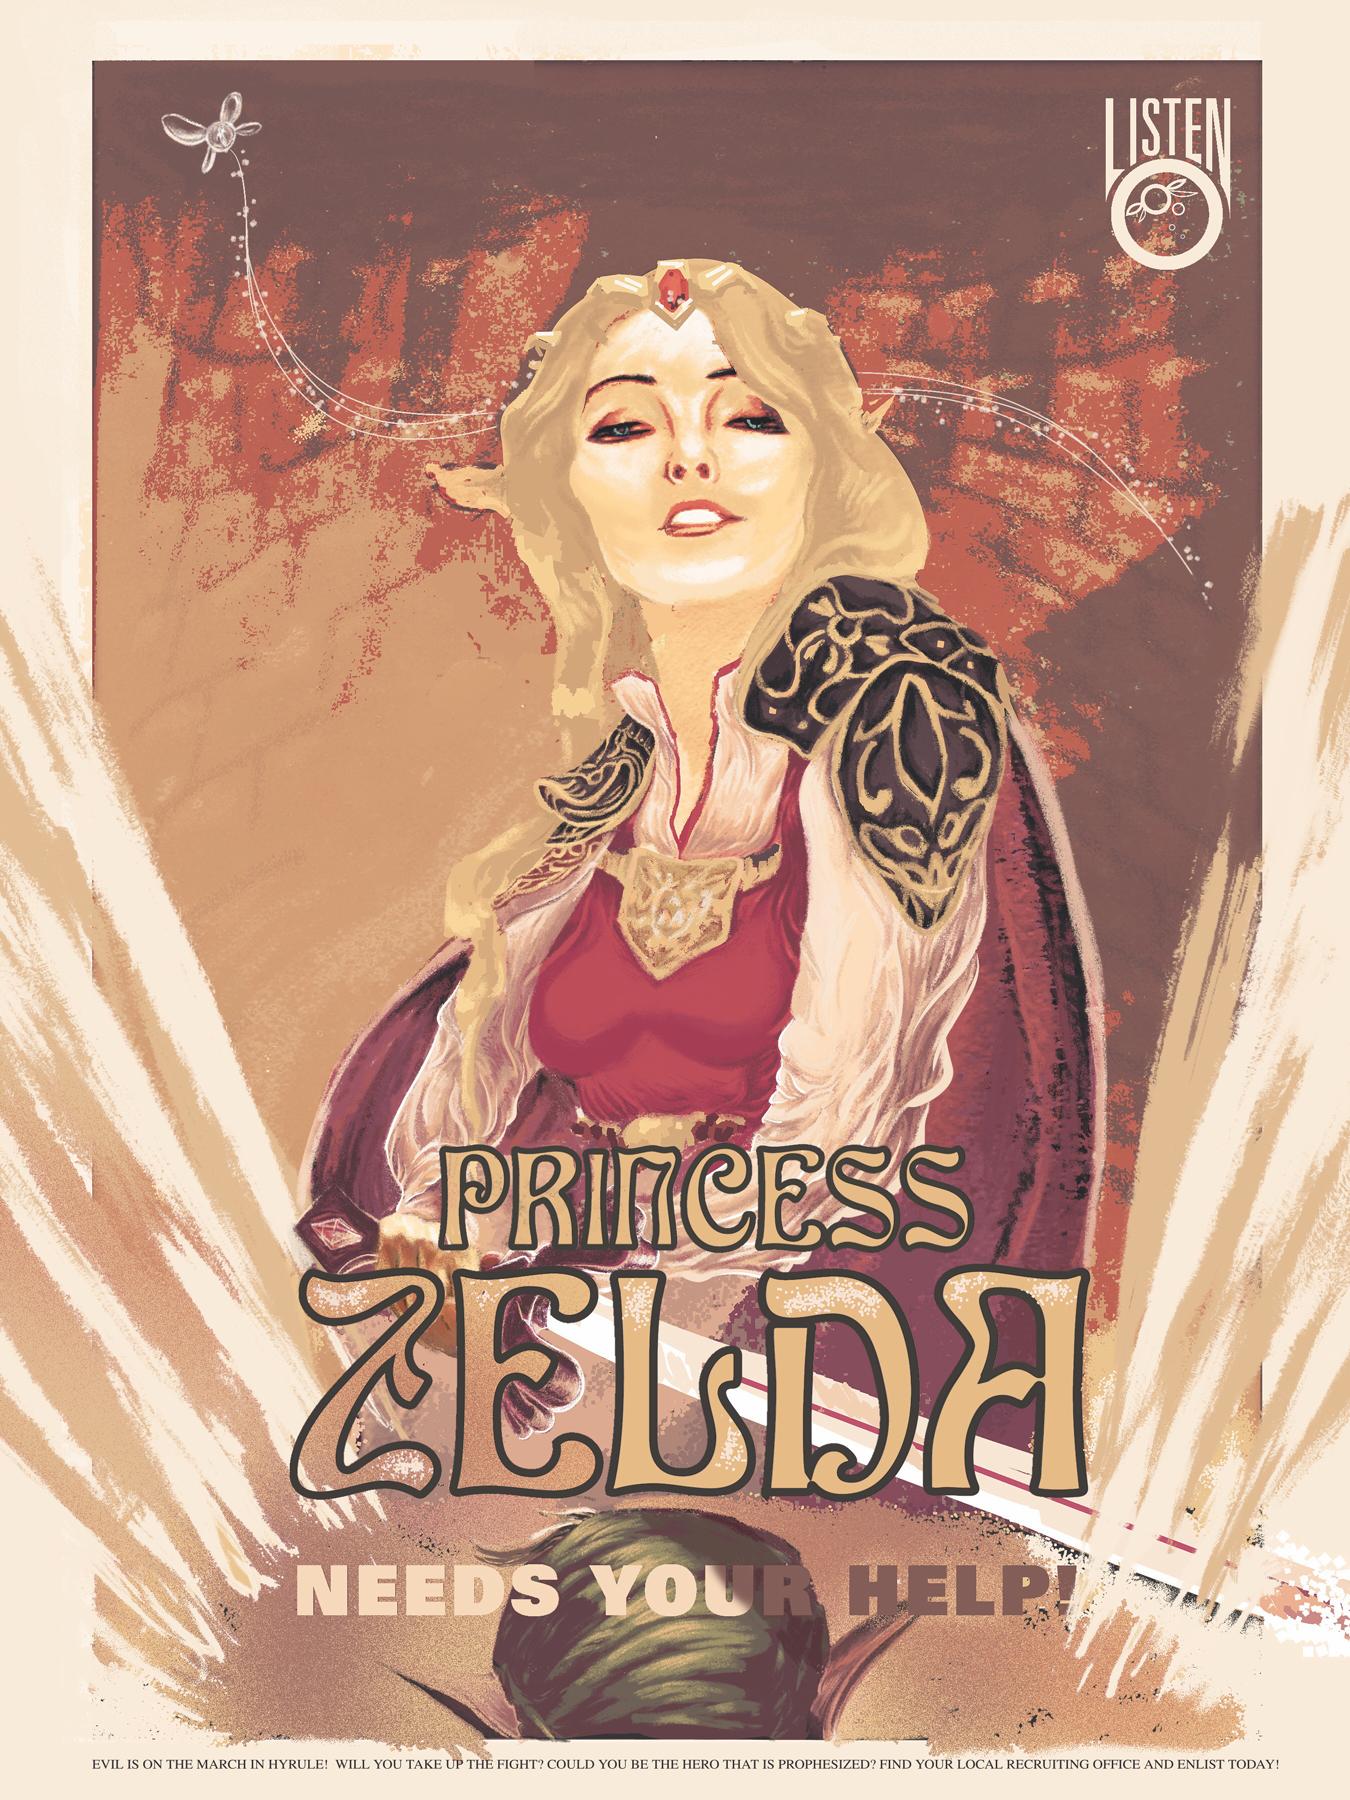 zelda-princess-zelda.jpg